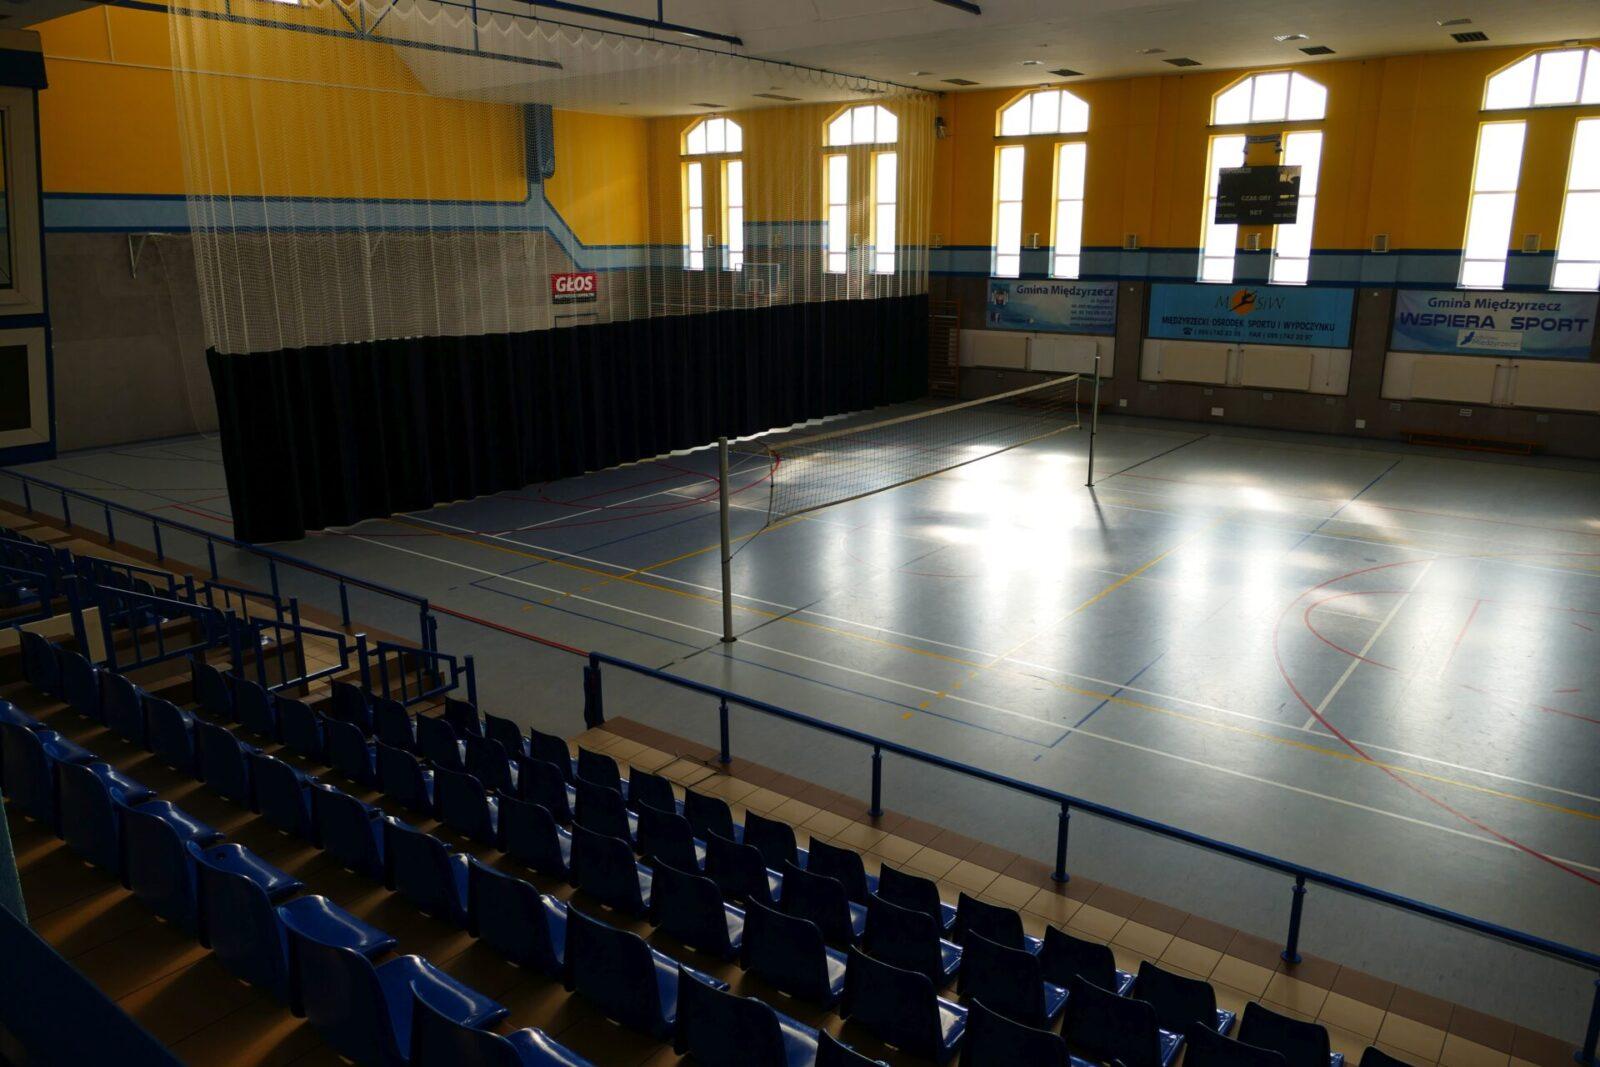 Hala Sportowa w Międzyrzeczu. Widok z trybun na boiska.